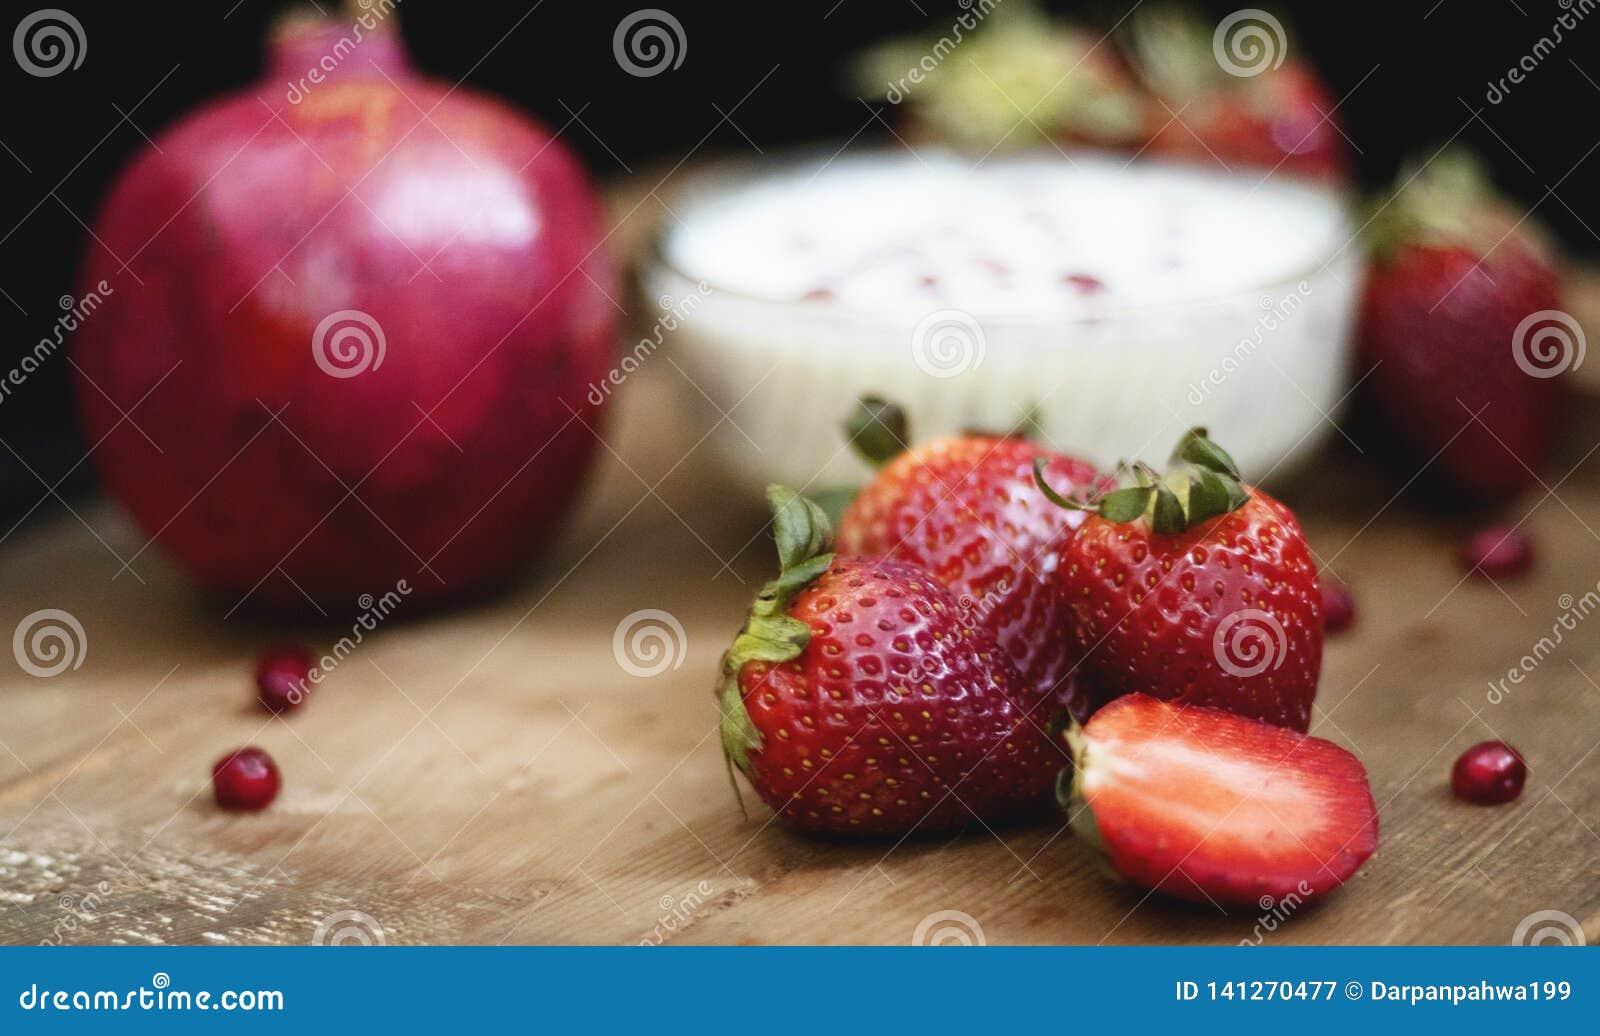 Crema della frutta sul bordo di legno con il melograno ed altre fragole in un fondo scuro